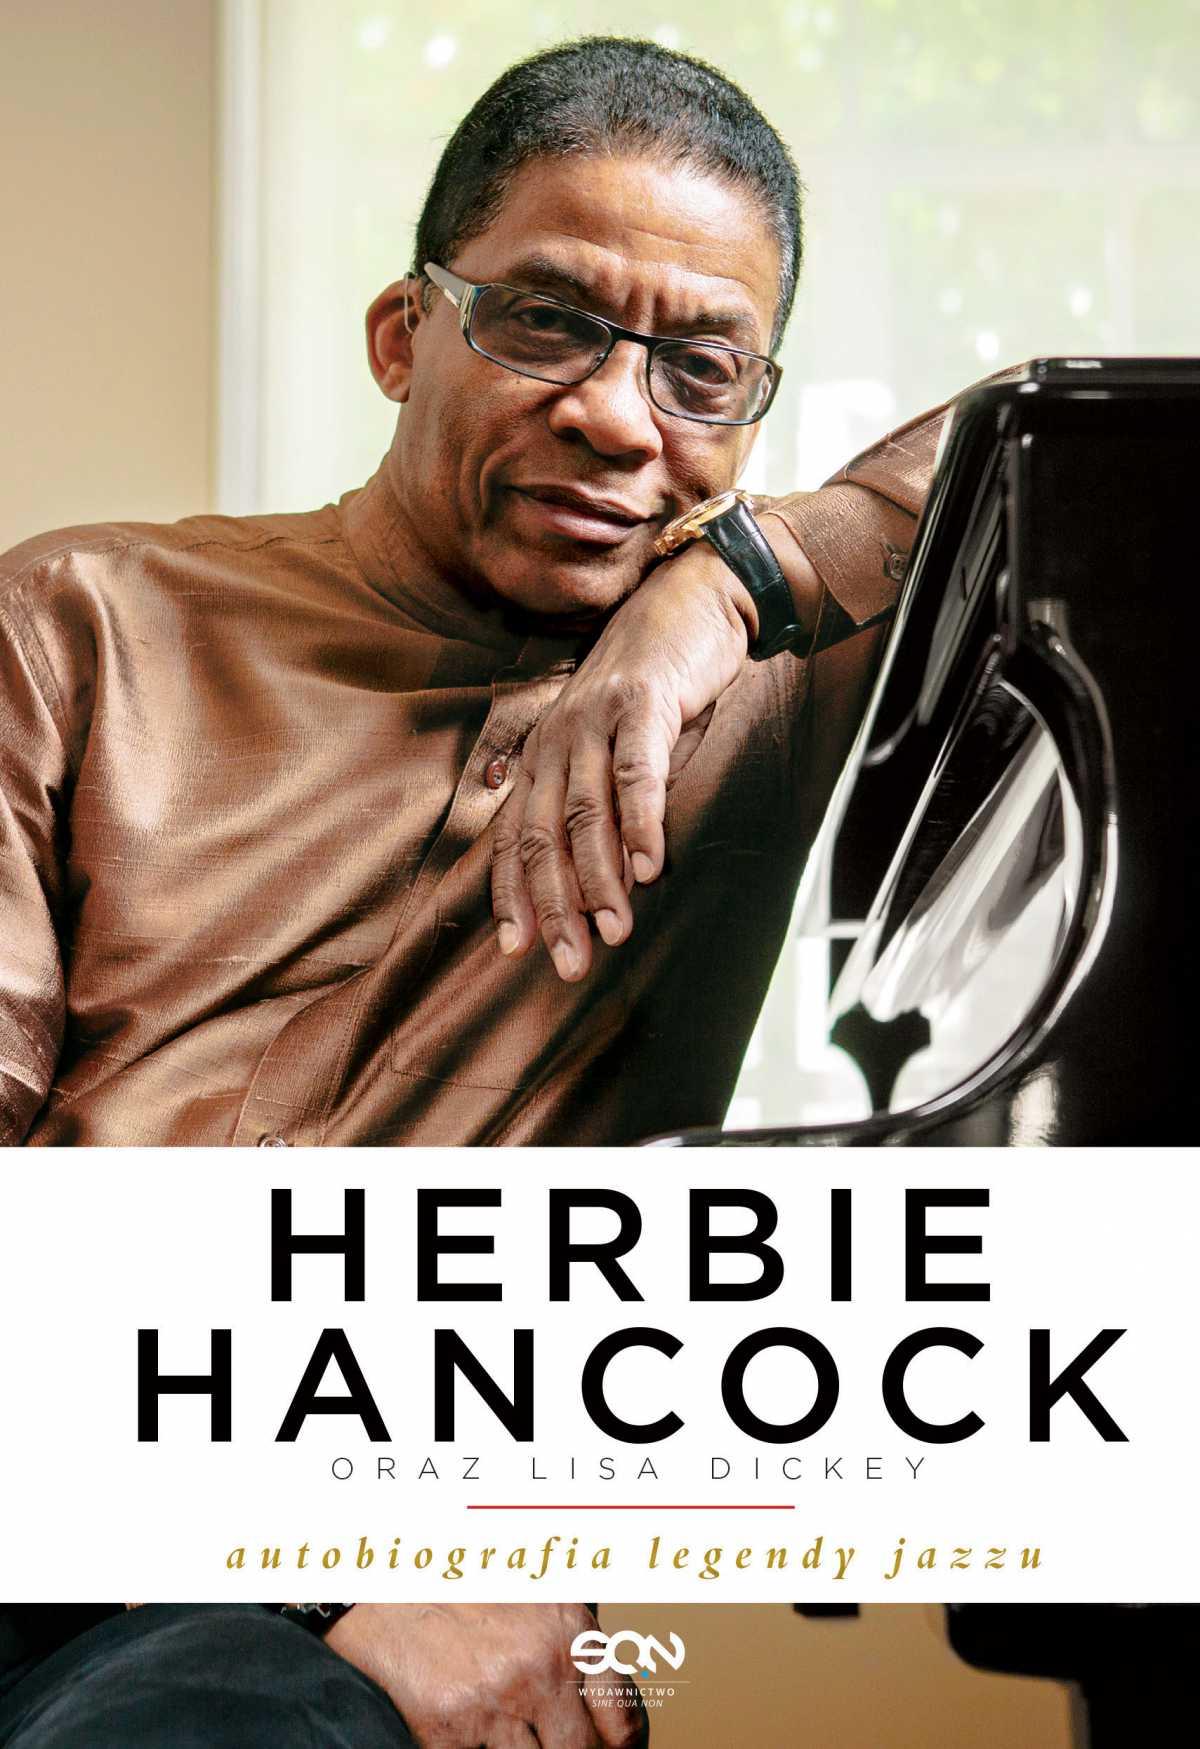 Herbie Hancock. Autobiografia legendy jazzu - Ebook (Książka EPUB) do pobrania w formacie EPUB